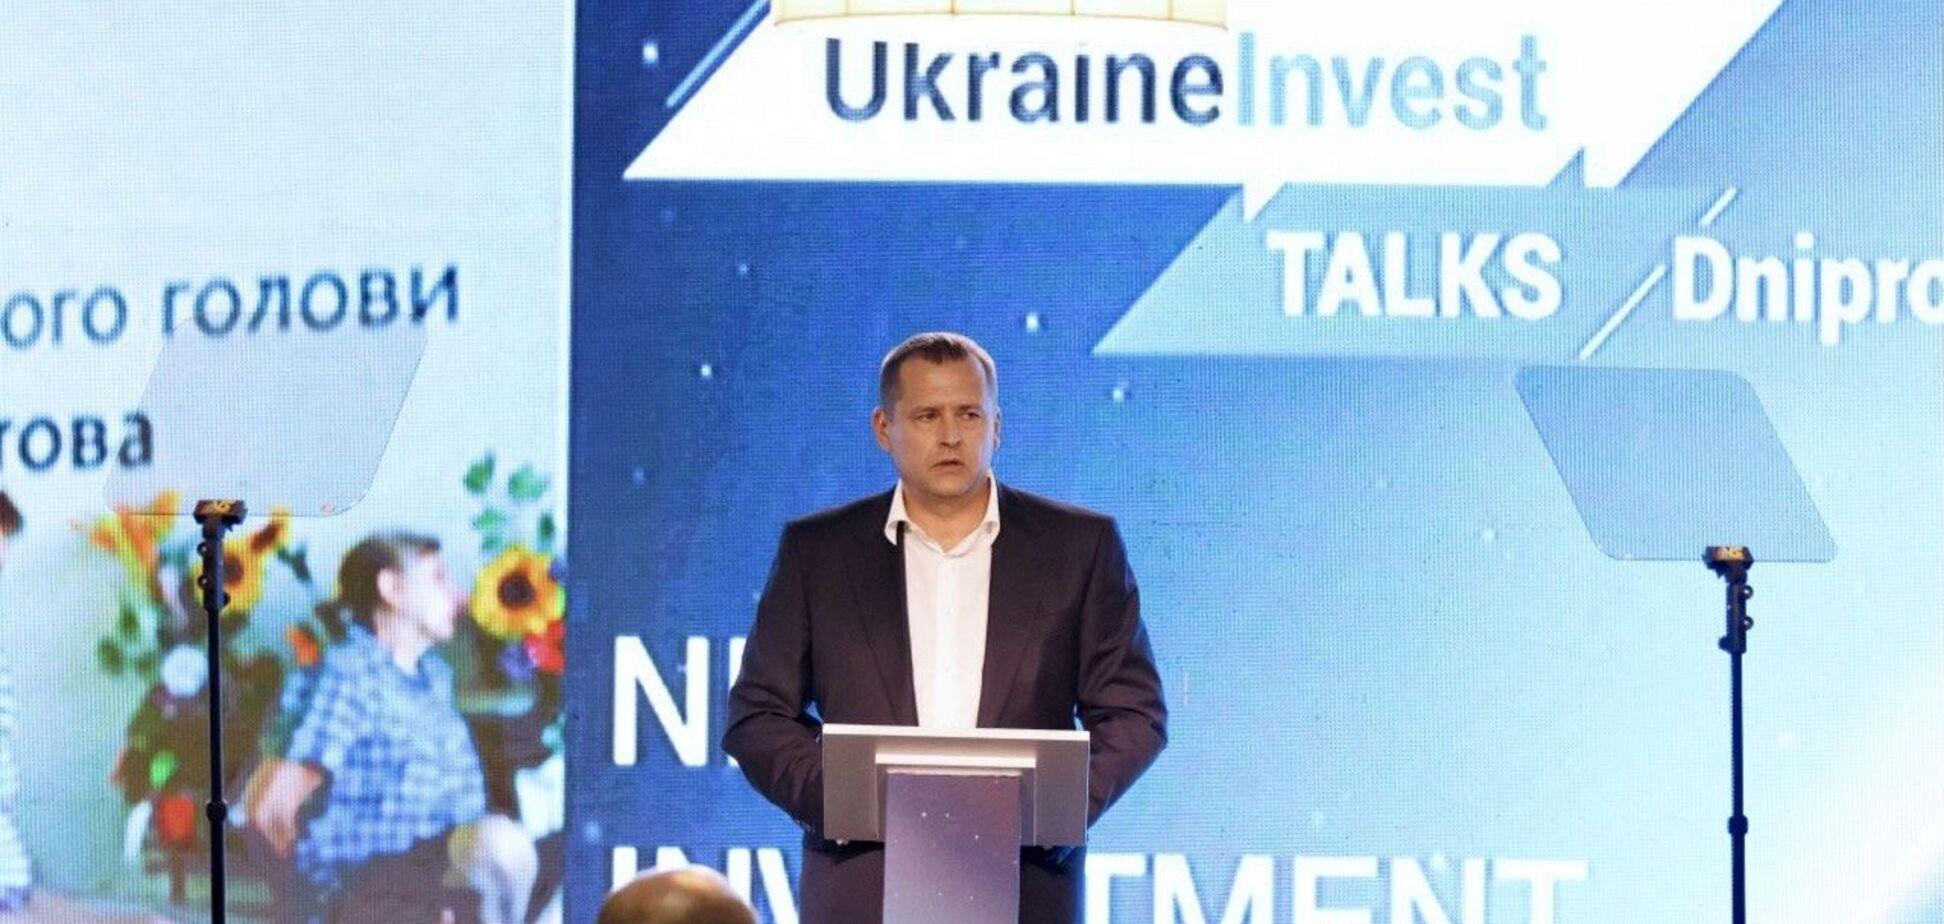 Філатов представив Дніпро на міжнародному інвестиційному форумі